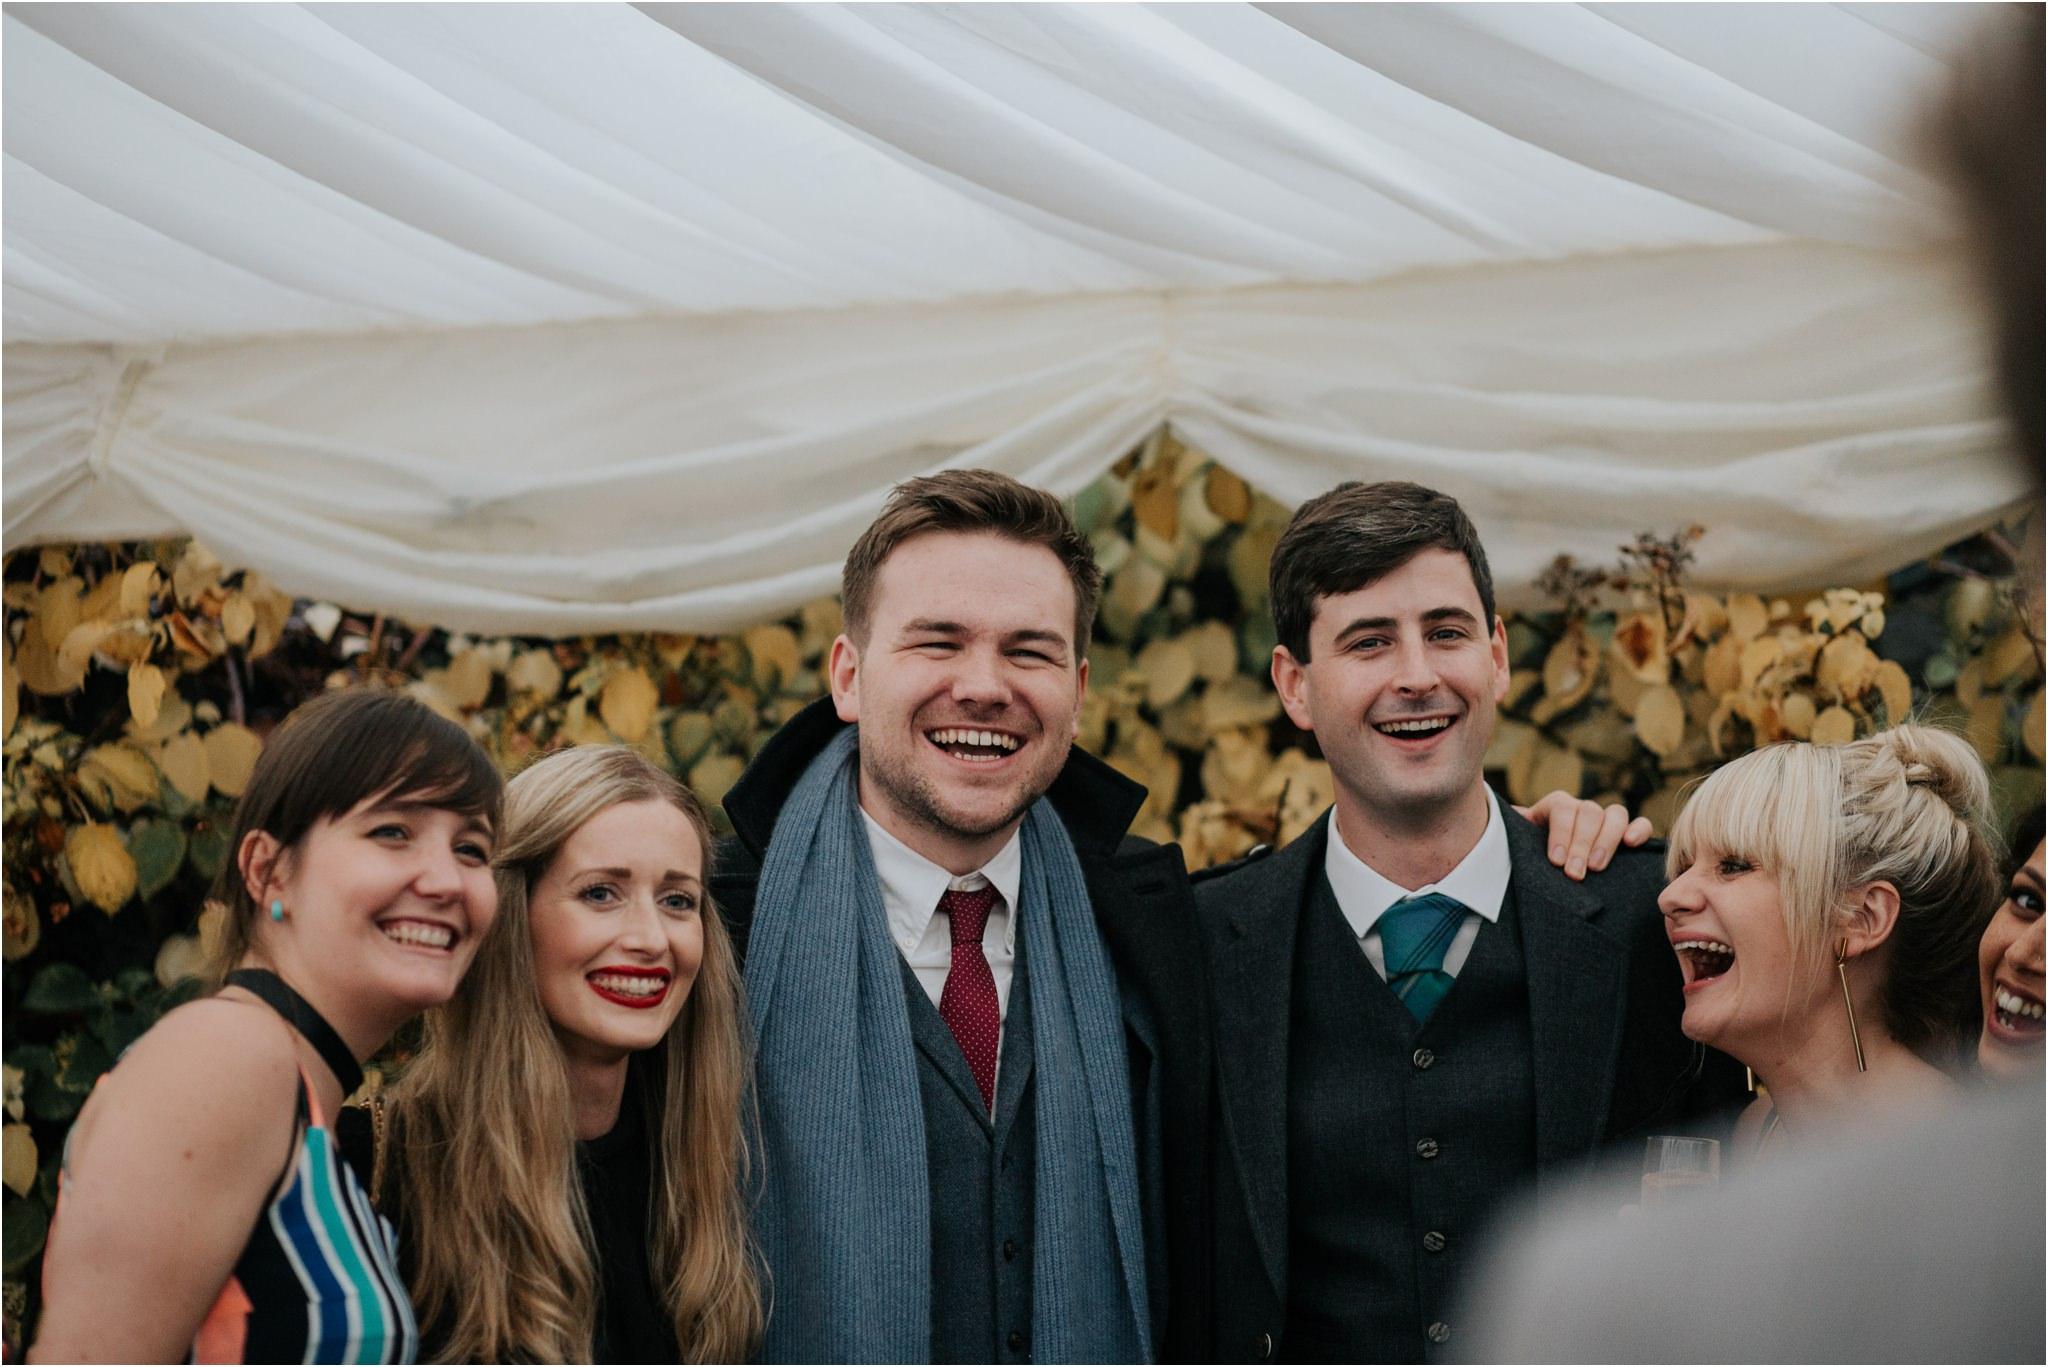 Photography 78 - Glasgow Wedding Photographer - Pete & Eilidh - Dalduff Farm_0070.jpg